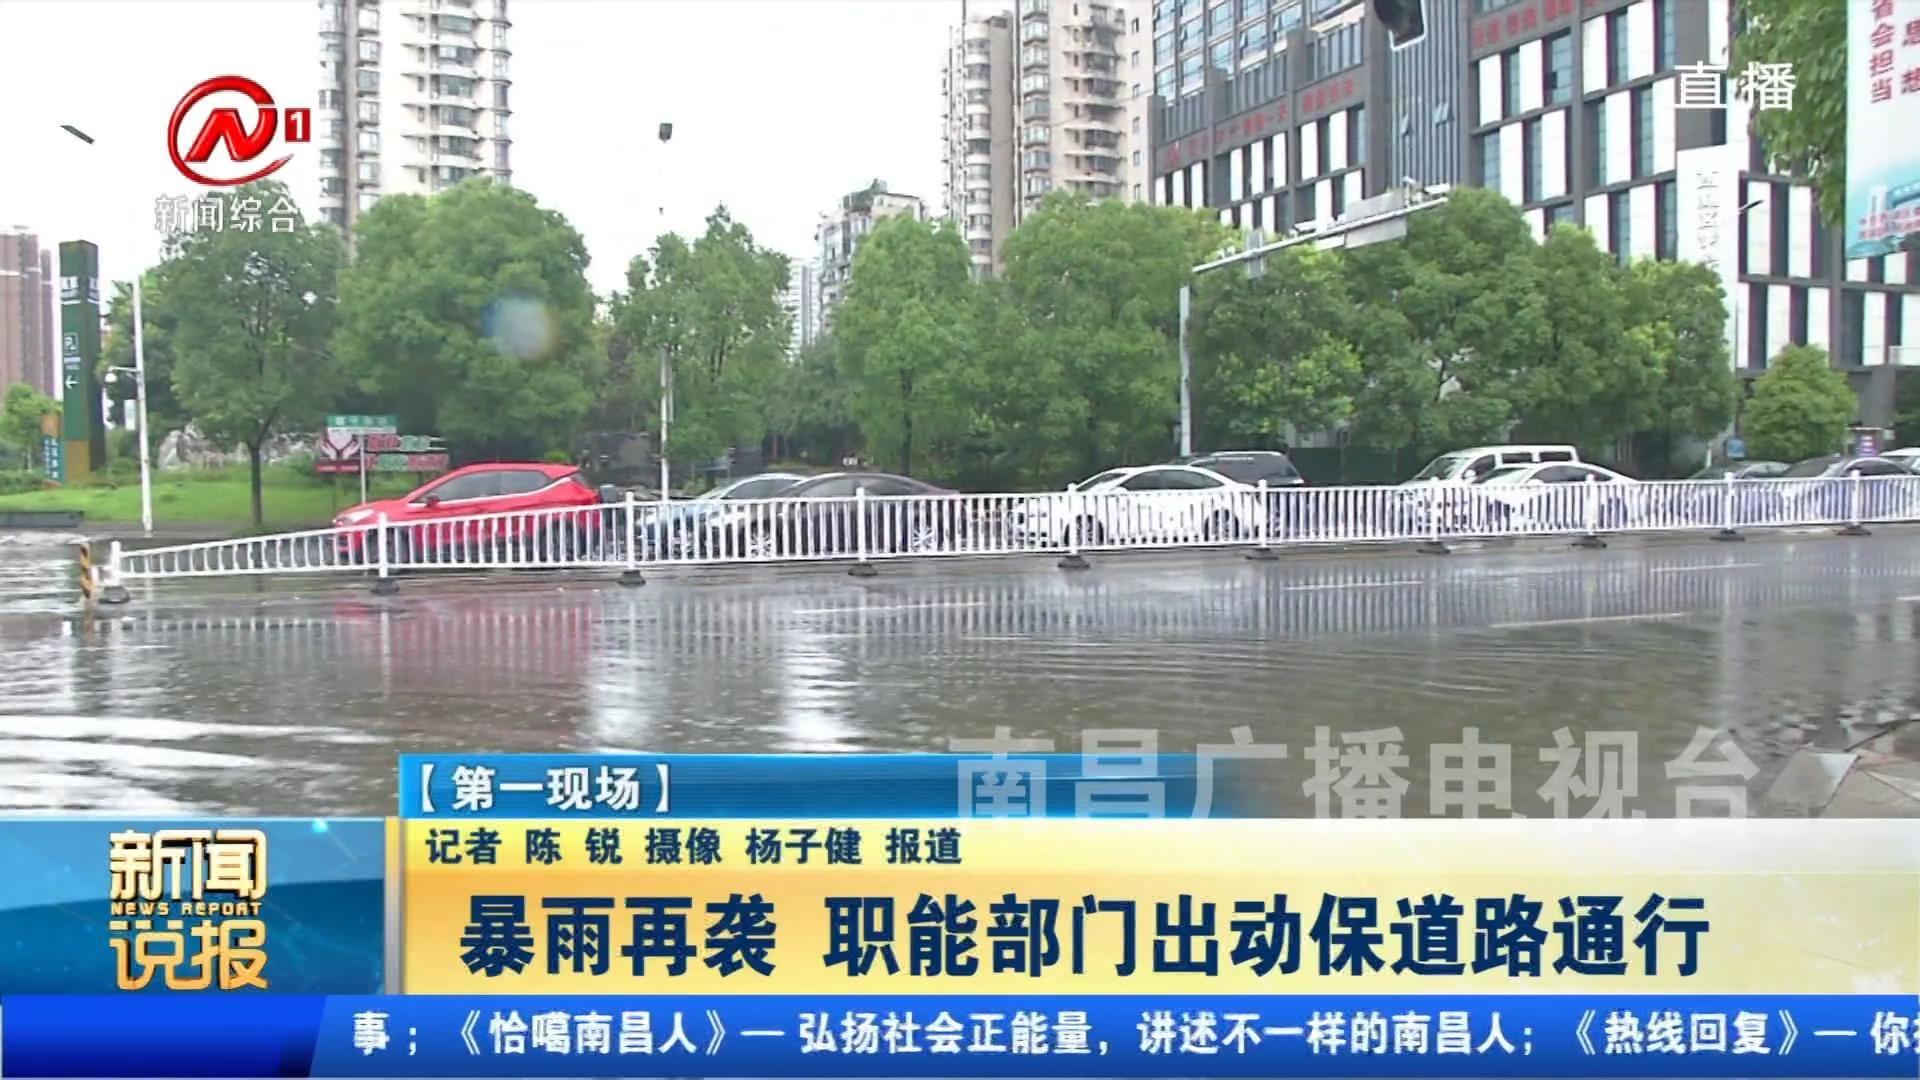 暴雨再袭 职能部门出动保道路通行